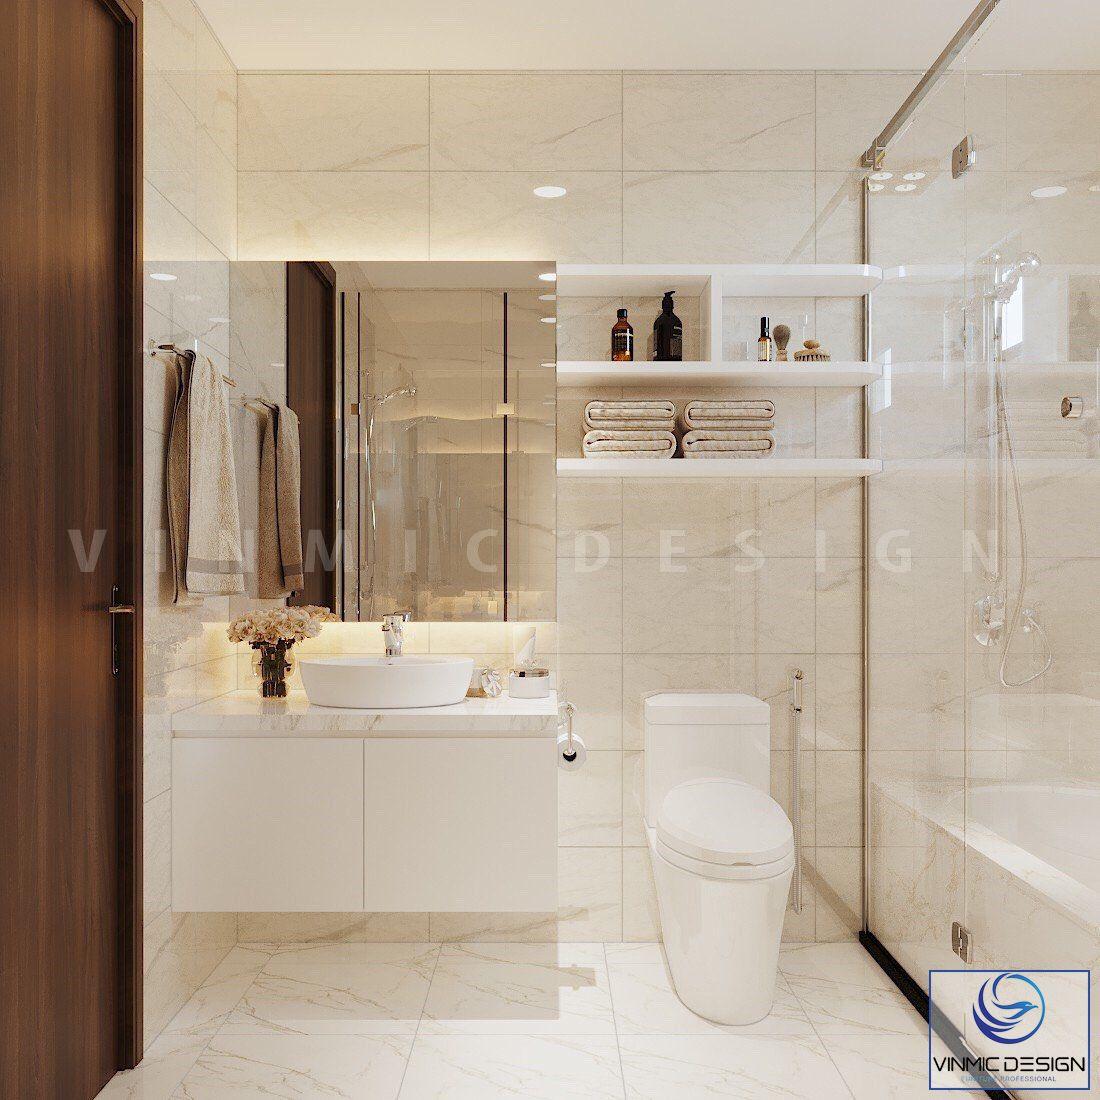 Thiết kế phòng vệ sinh sạch sẽ, gọn gàng với tông màu vàng ấm